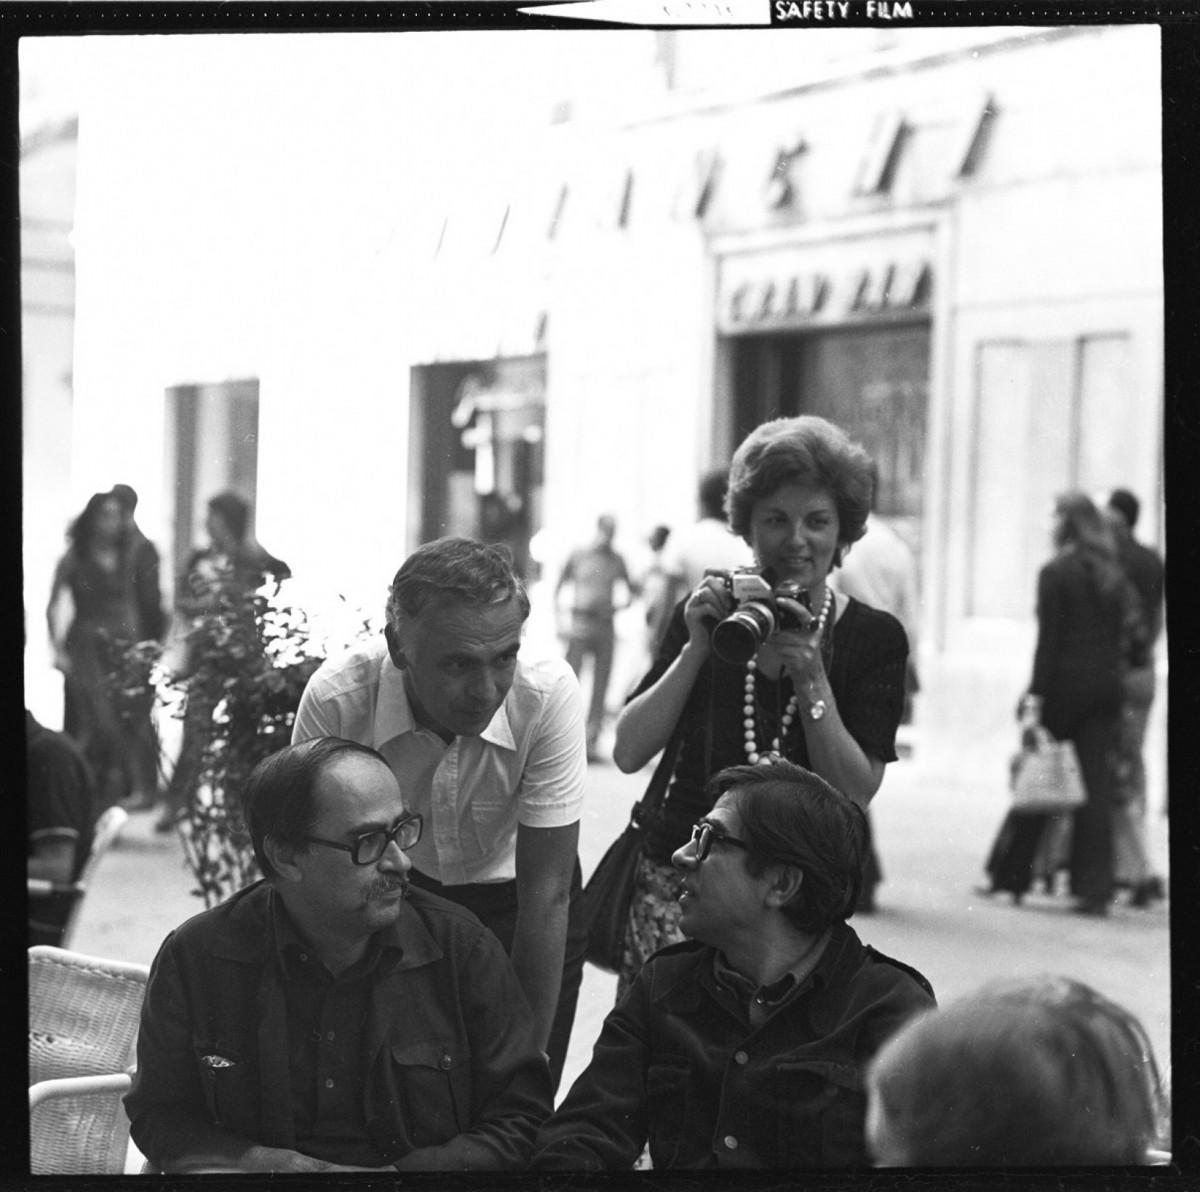 Taviani Paolo & Vittorio filmmaker